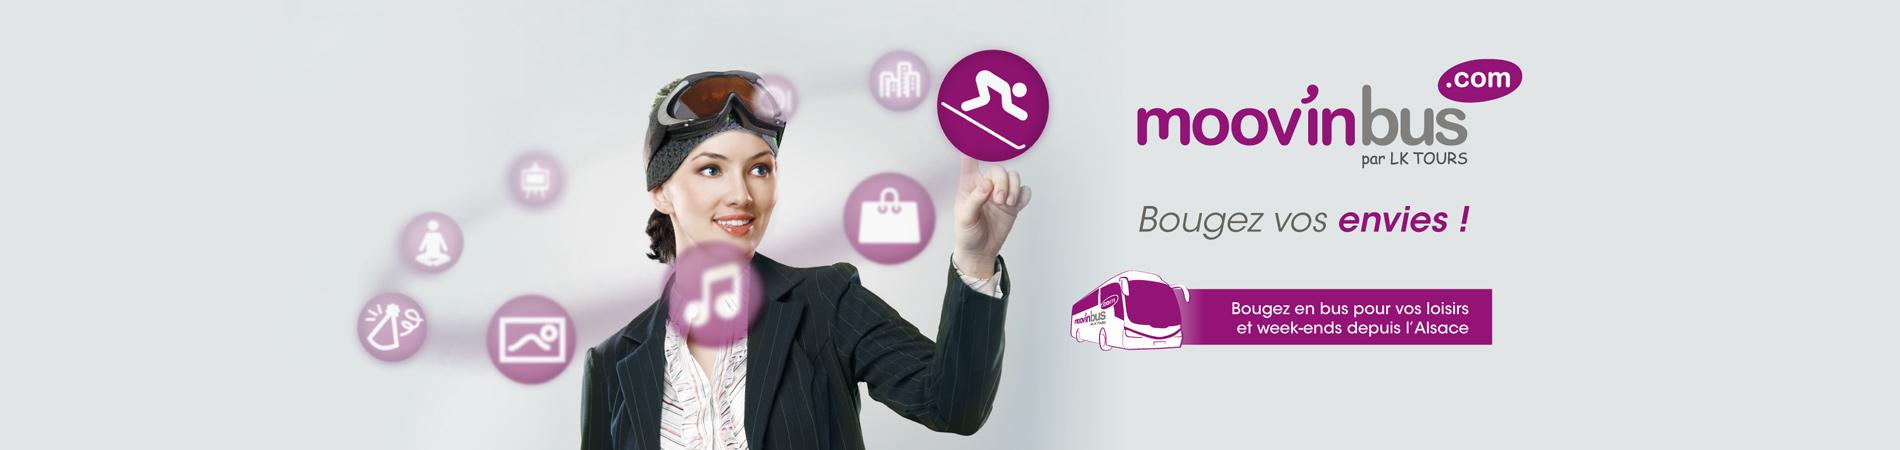 Mov'inbus.com - Création de l'identité, du concept et du site internet e-commerce